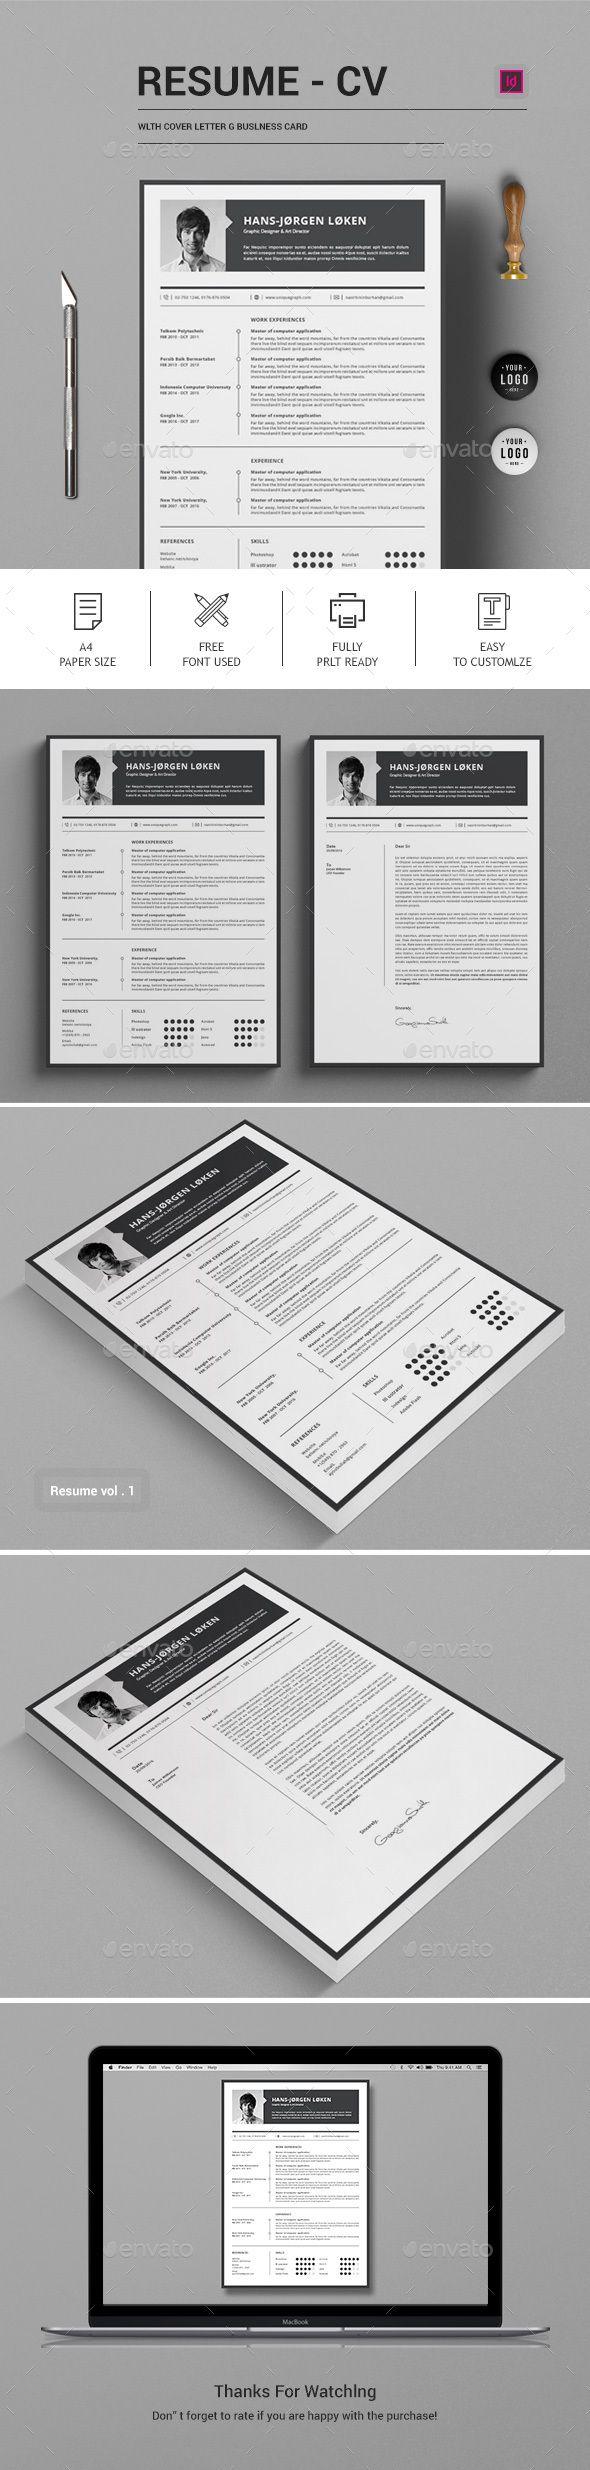 ResumeCV Stationery Print Templates ResumeCV